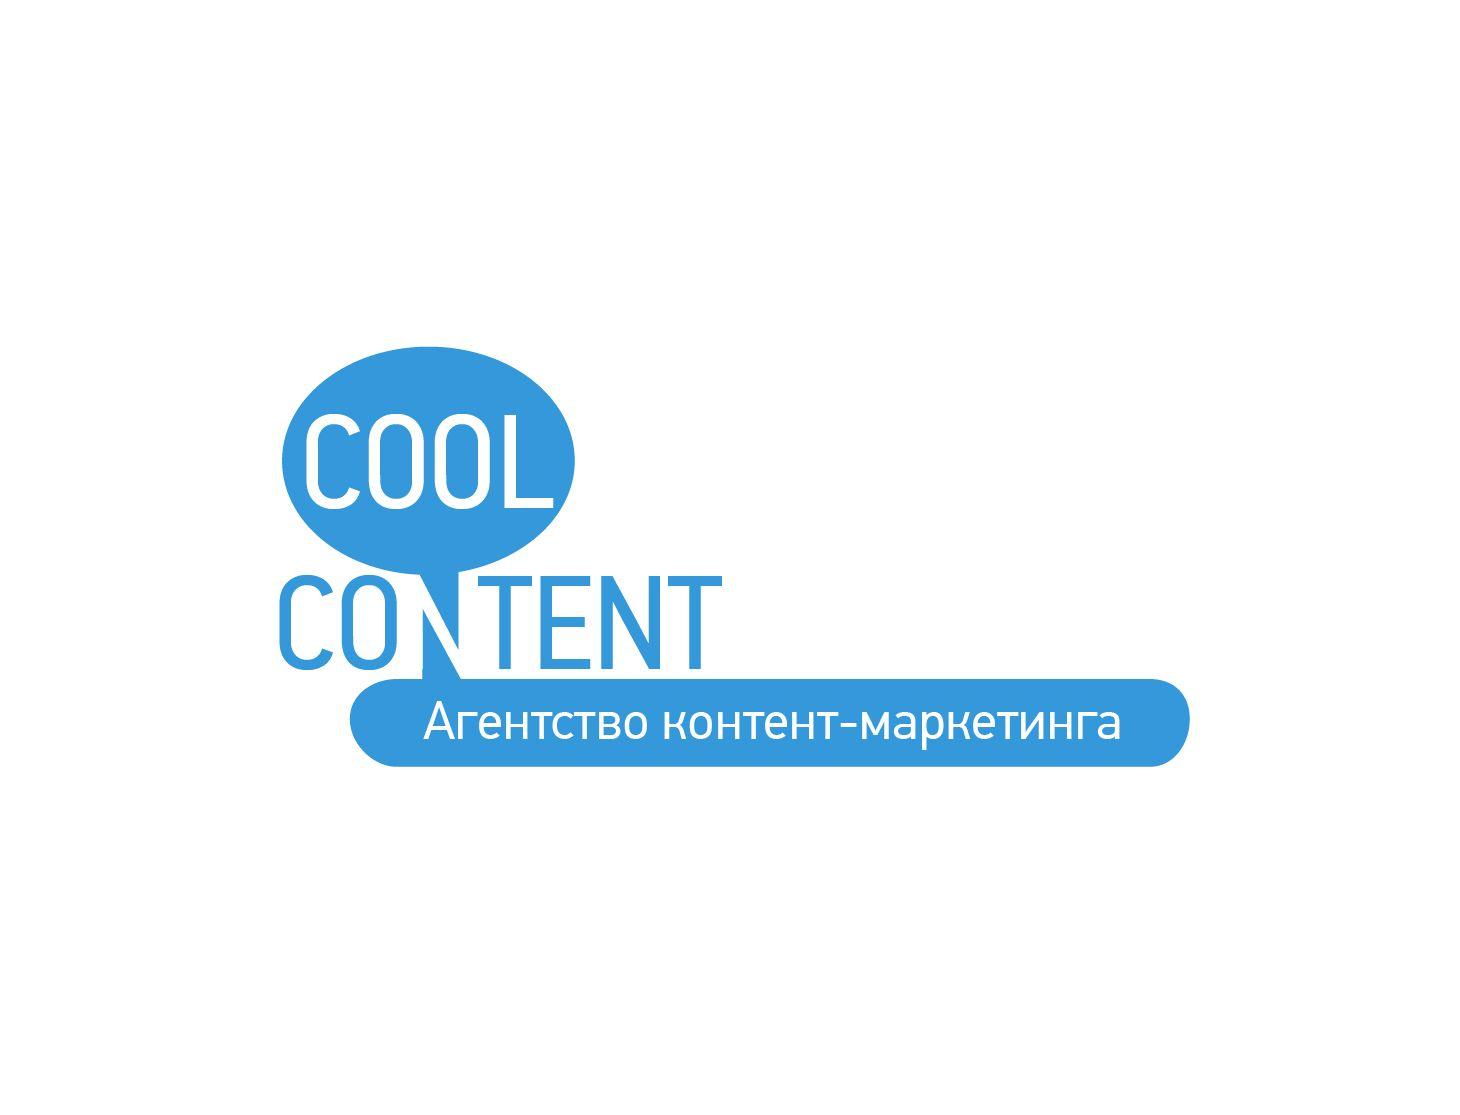 Лого для агентства Cool Content - дизайнер JackSun